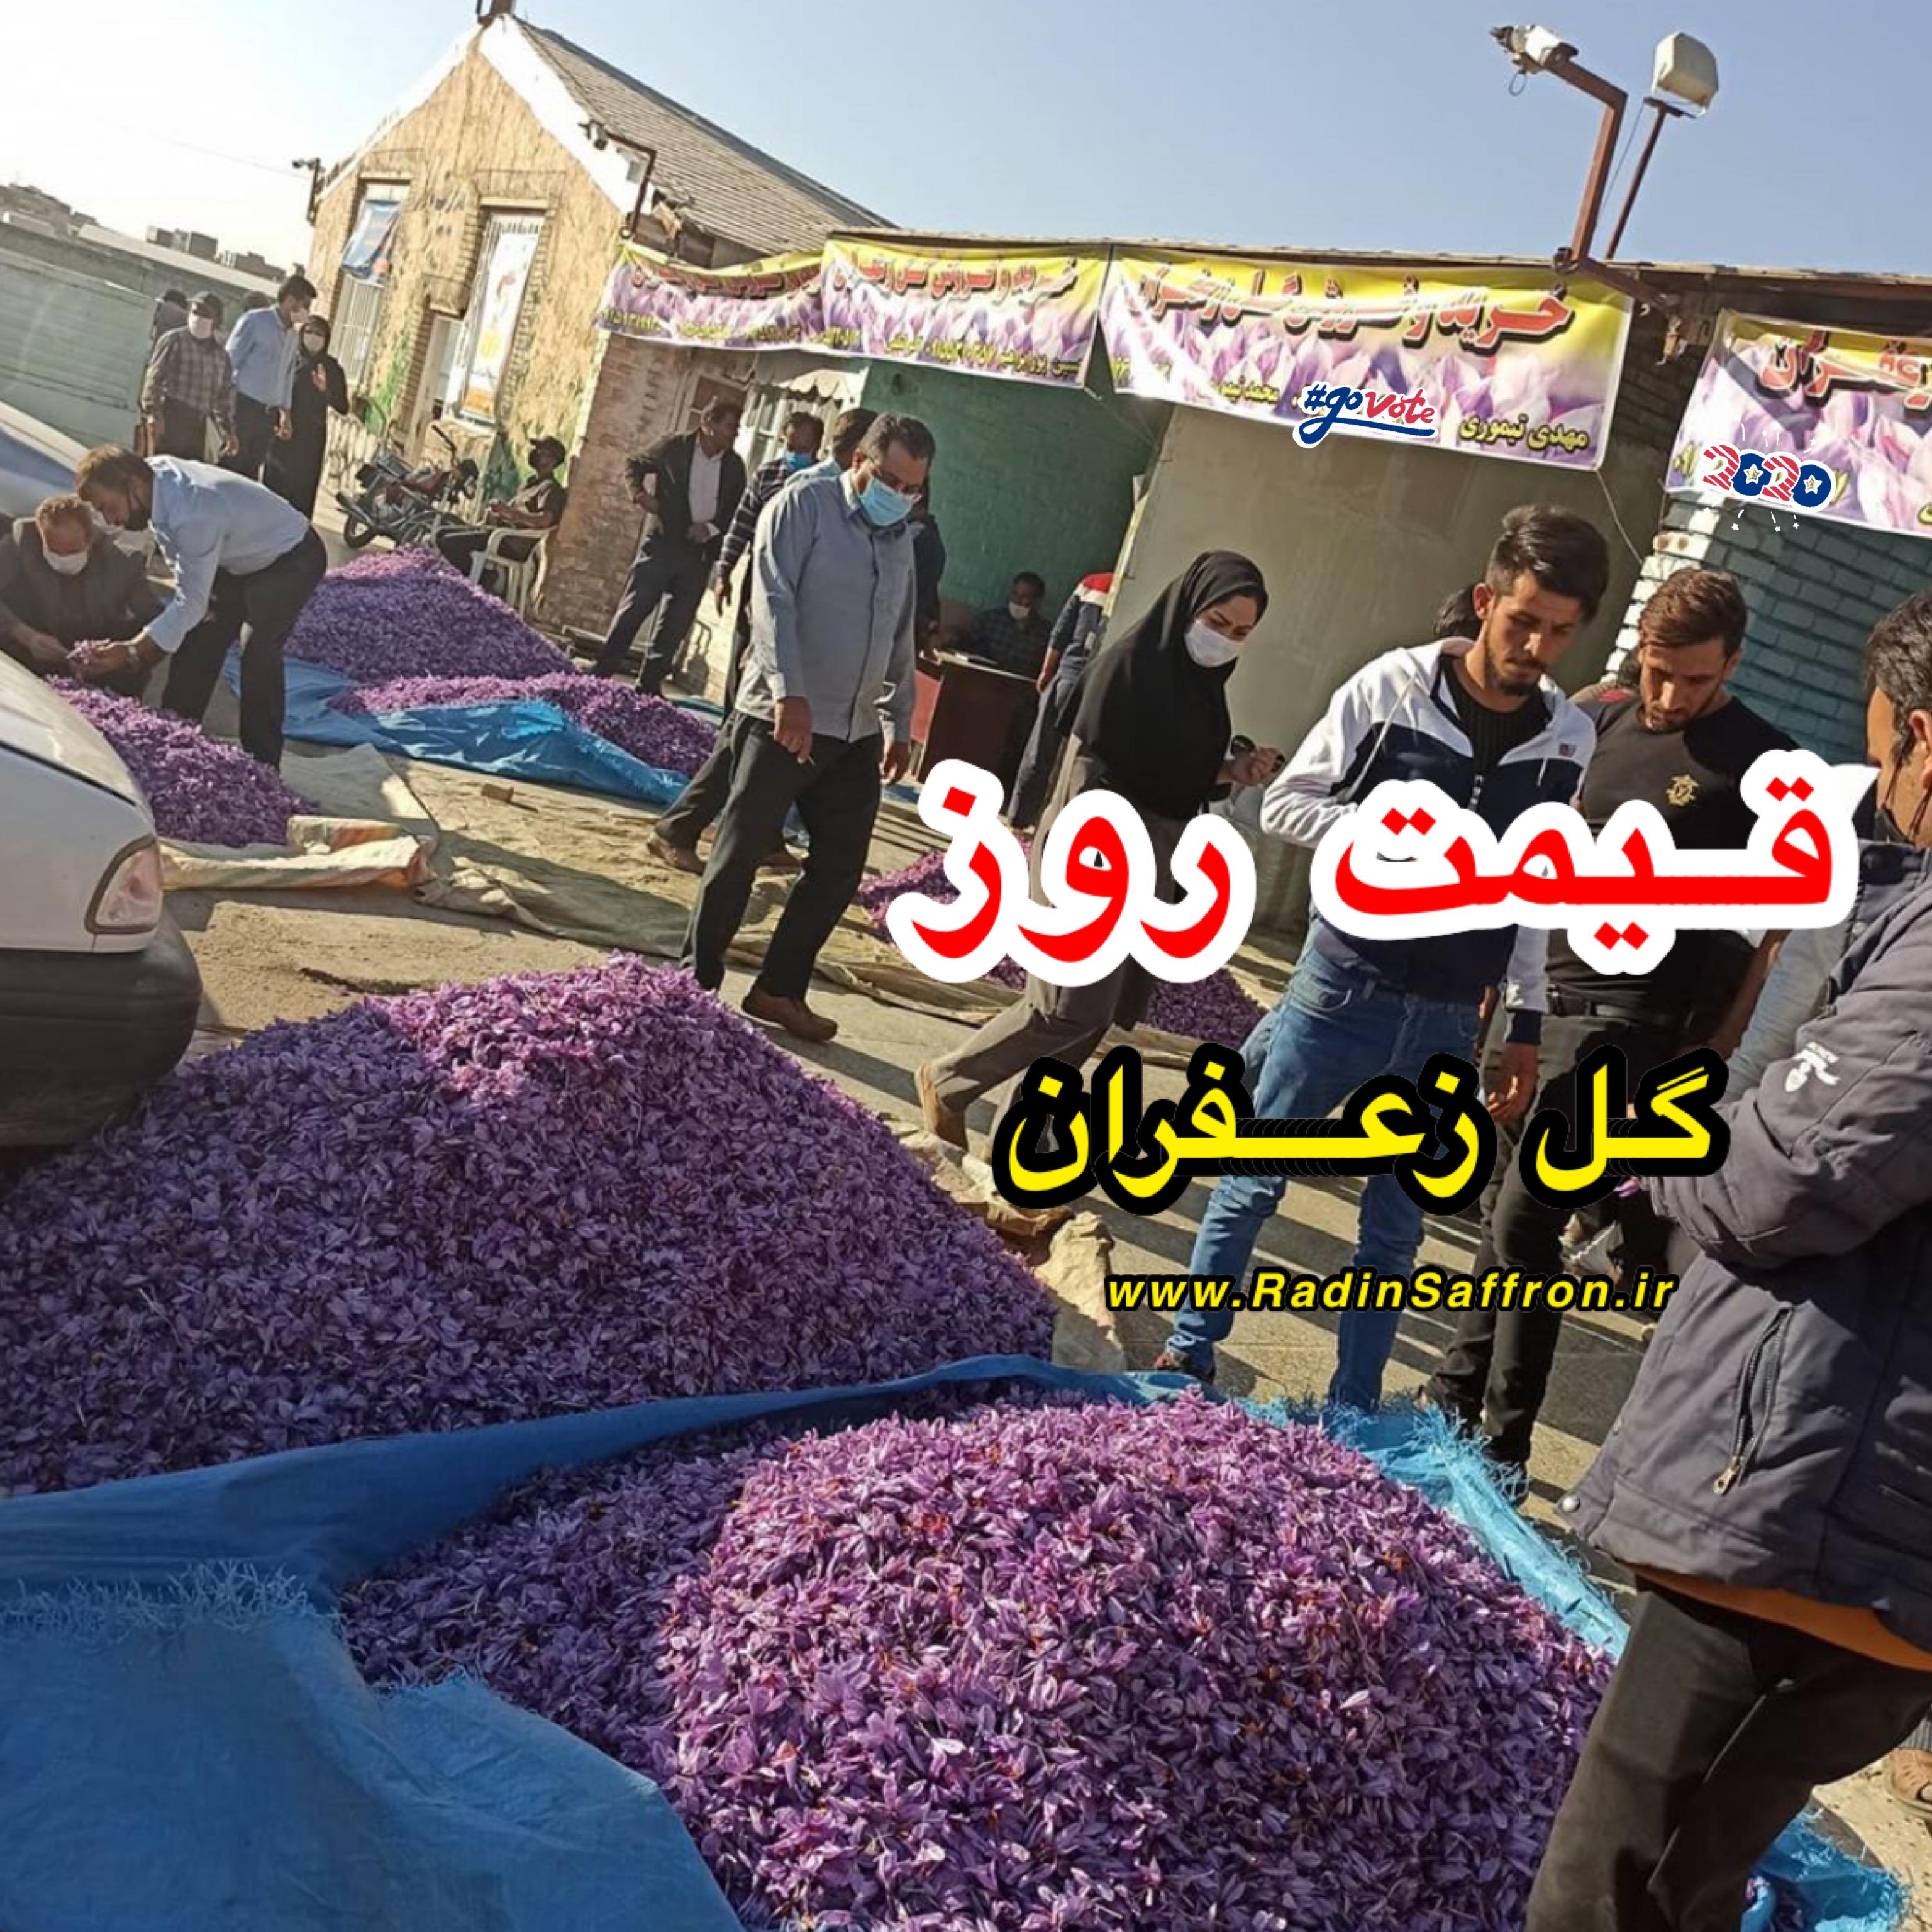 قیمت گل تازه زعفران